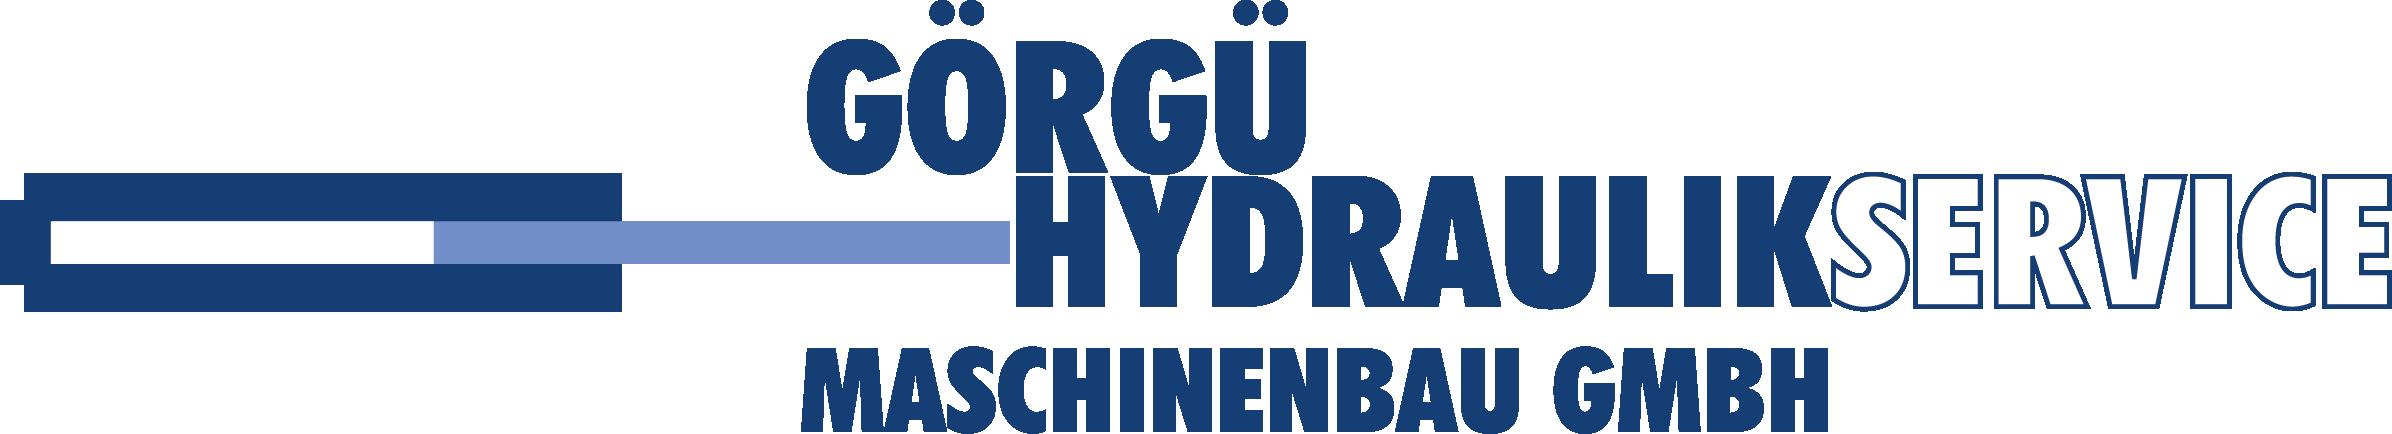 Görgü Hydraulik Service